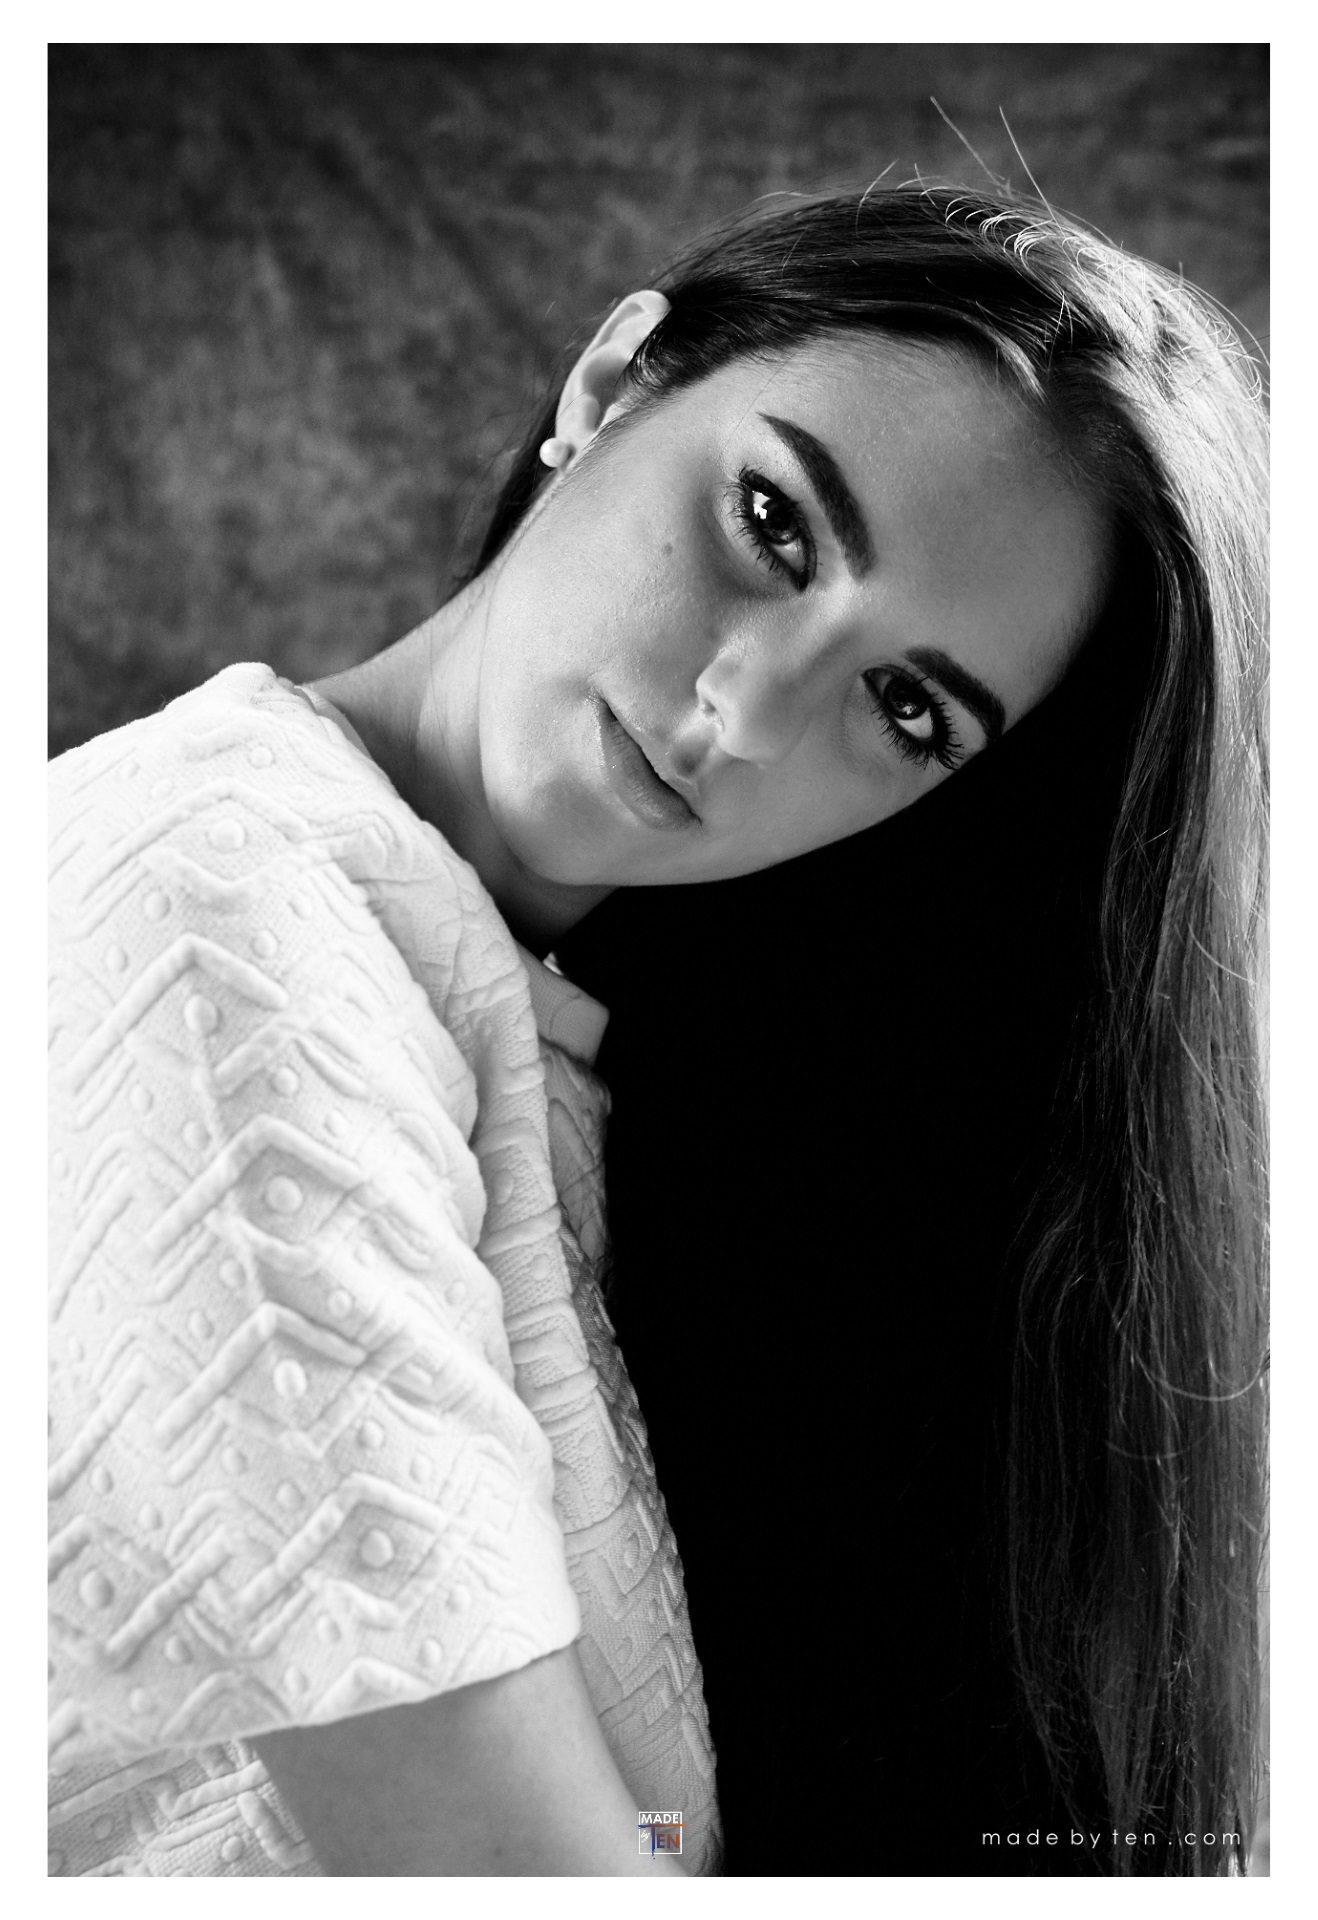 Woman Beautiful Modern Headshot - GTA Women Lifestyle Photography